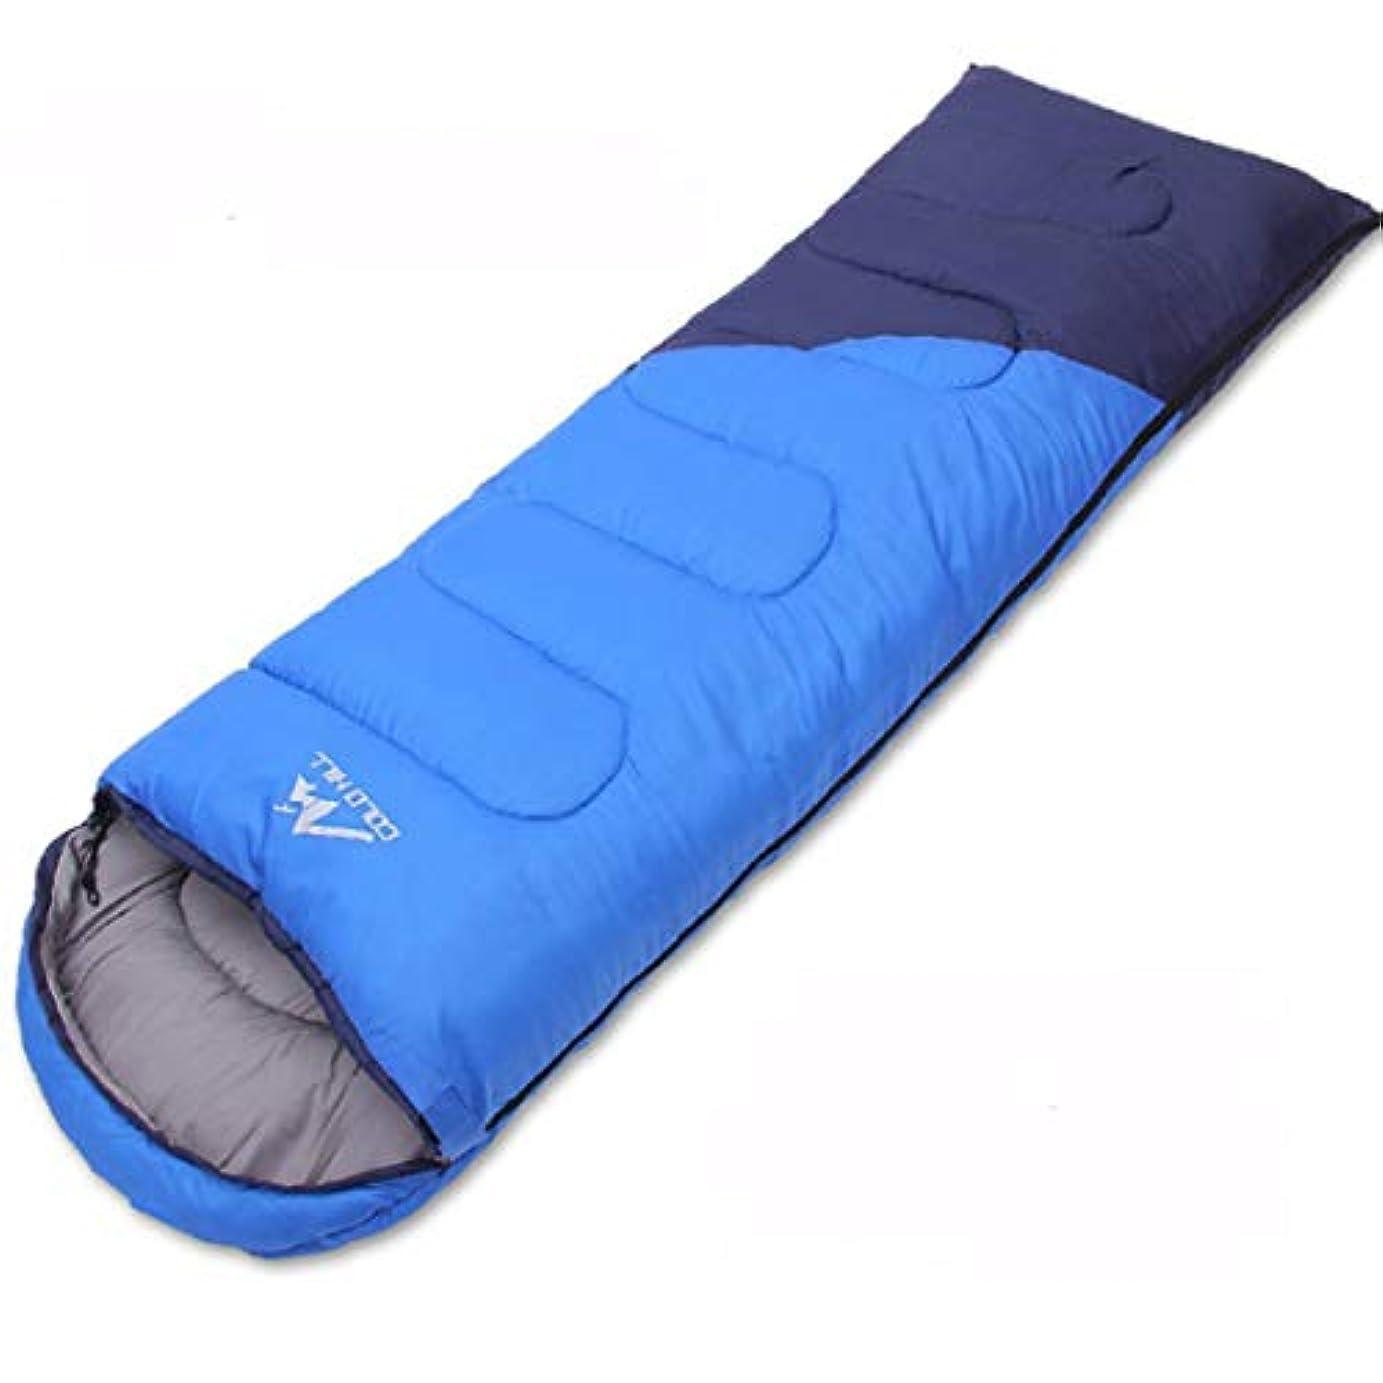 スクランブル猫背骨の折れるYIJUPIN 大人のコットンの寝袋四季ユニバーサル寝袋は、緑のステッチができる (色 : 青, サイズ : 1.7kg)